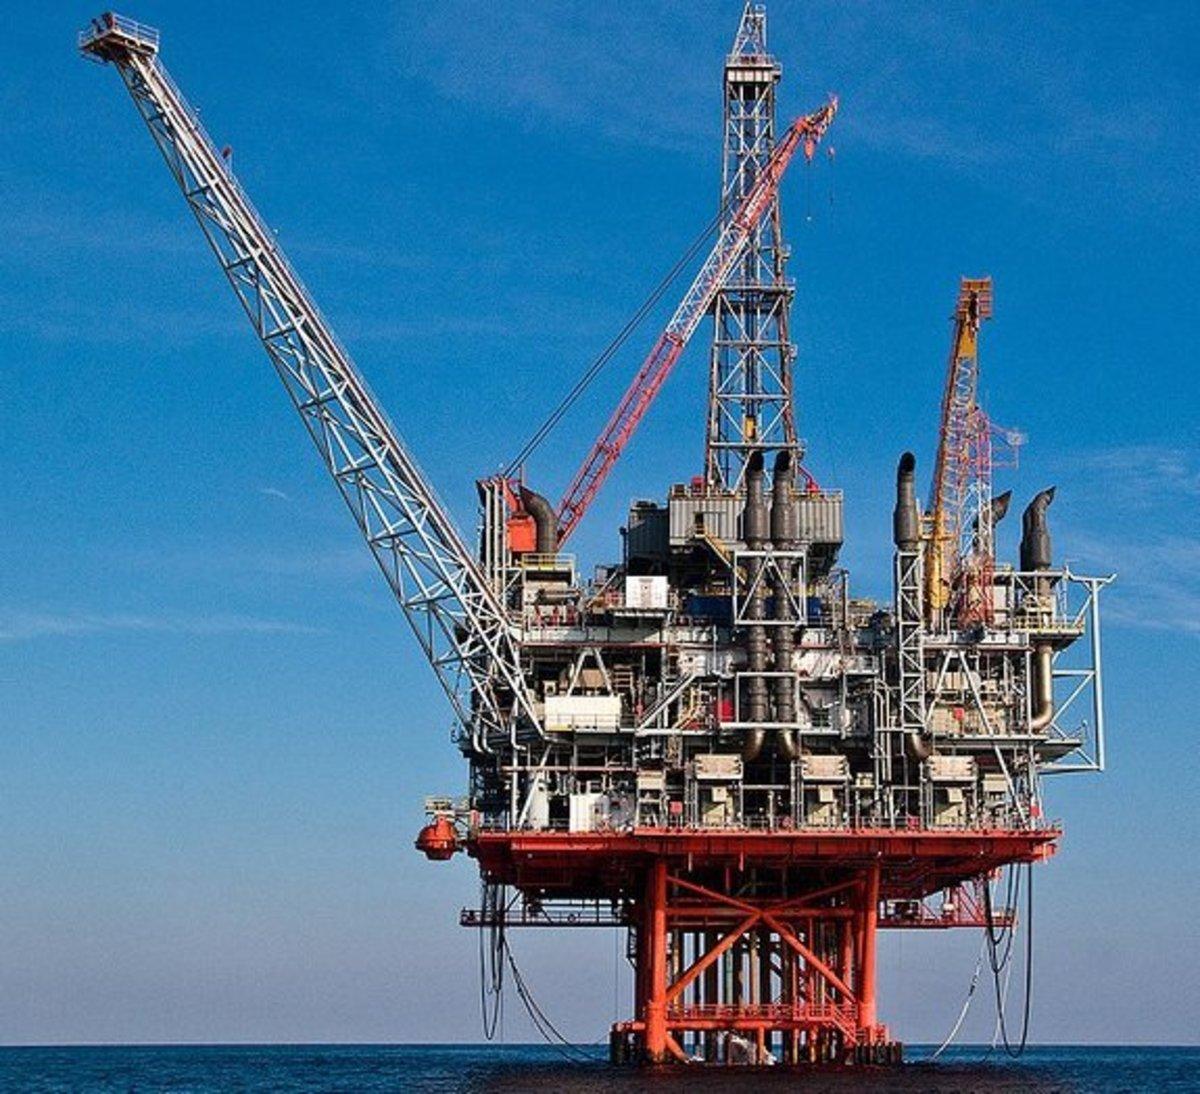 Audubon Magazine on Gulf Drilling